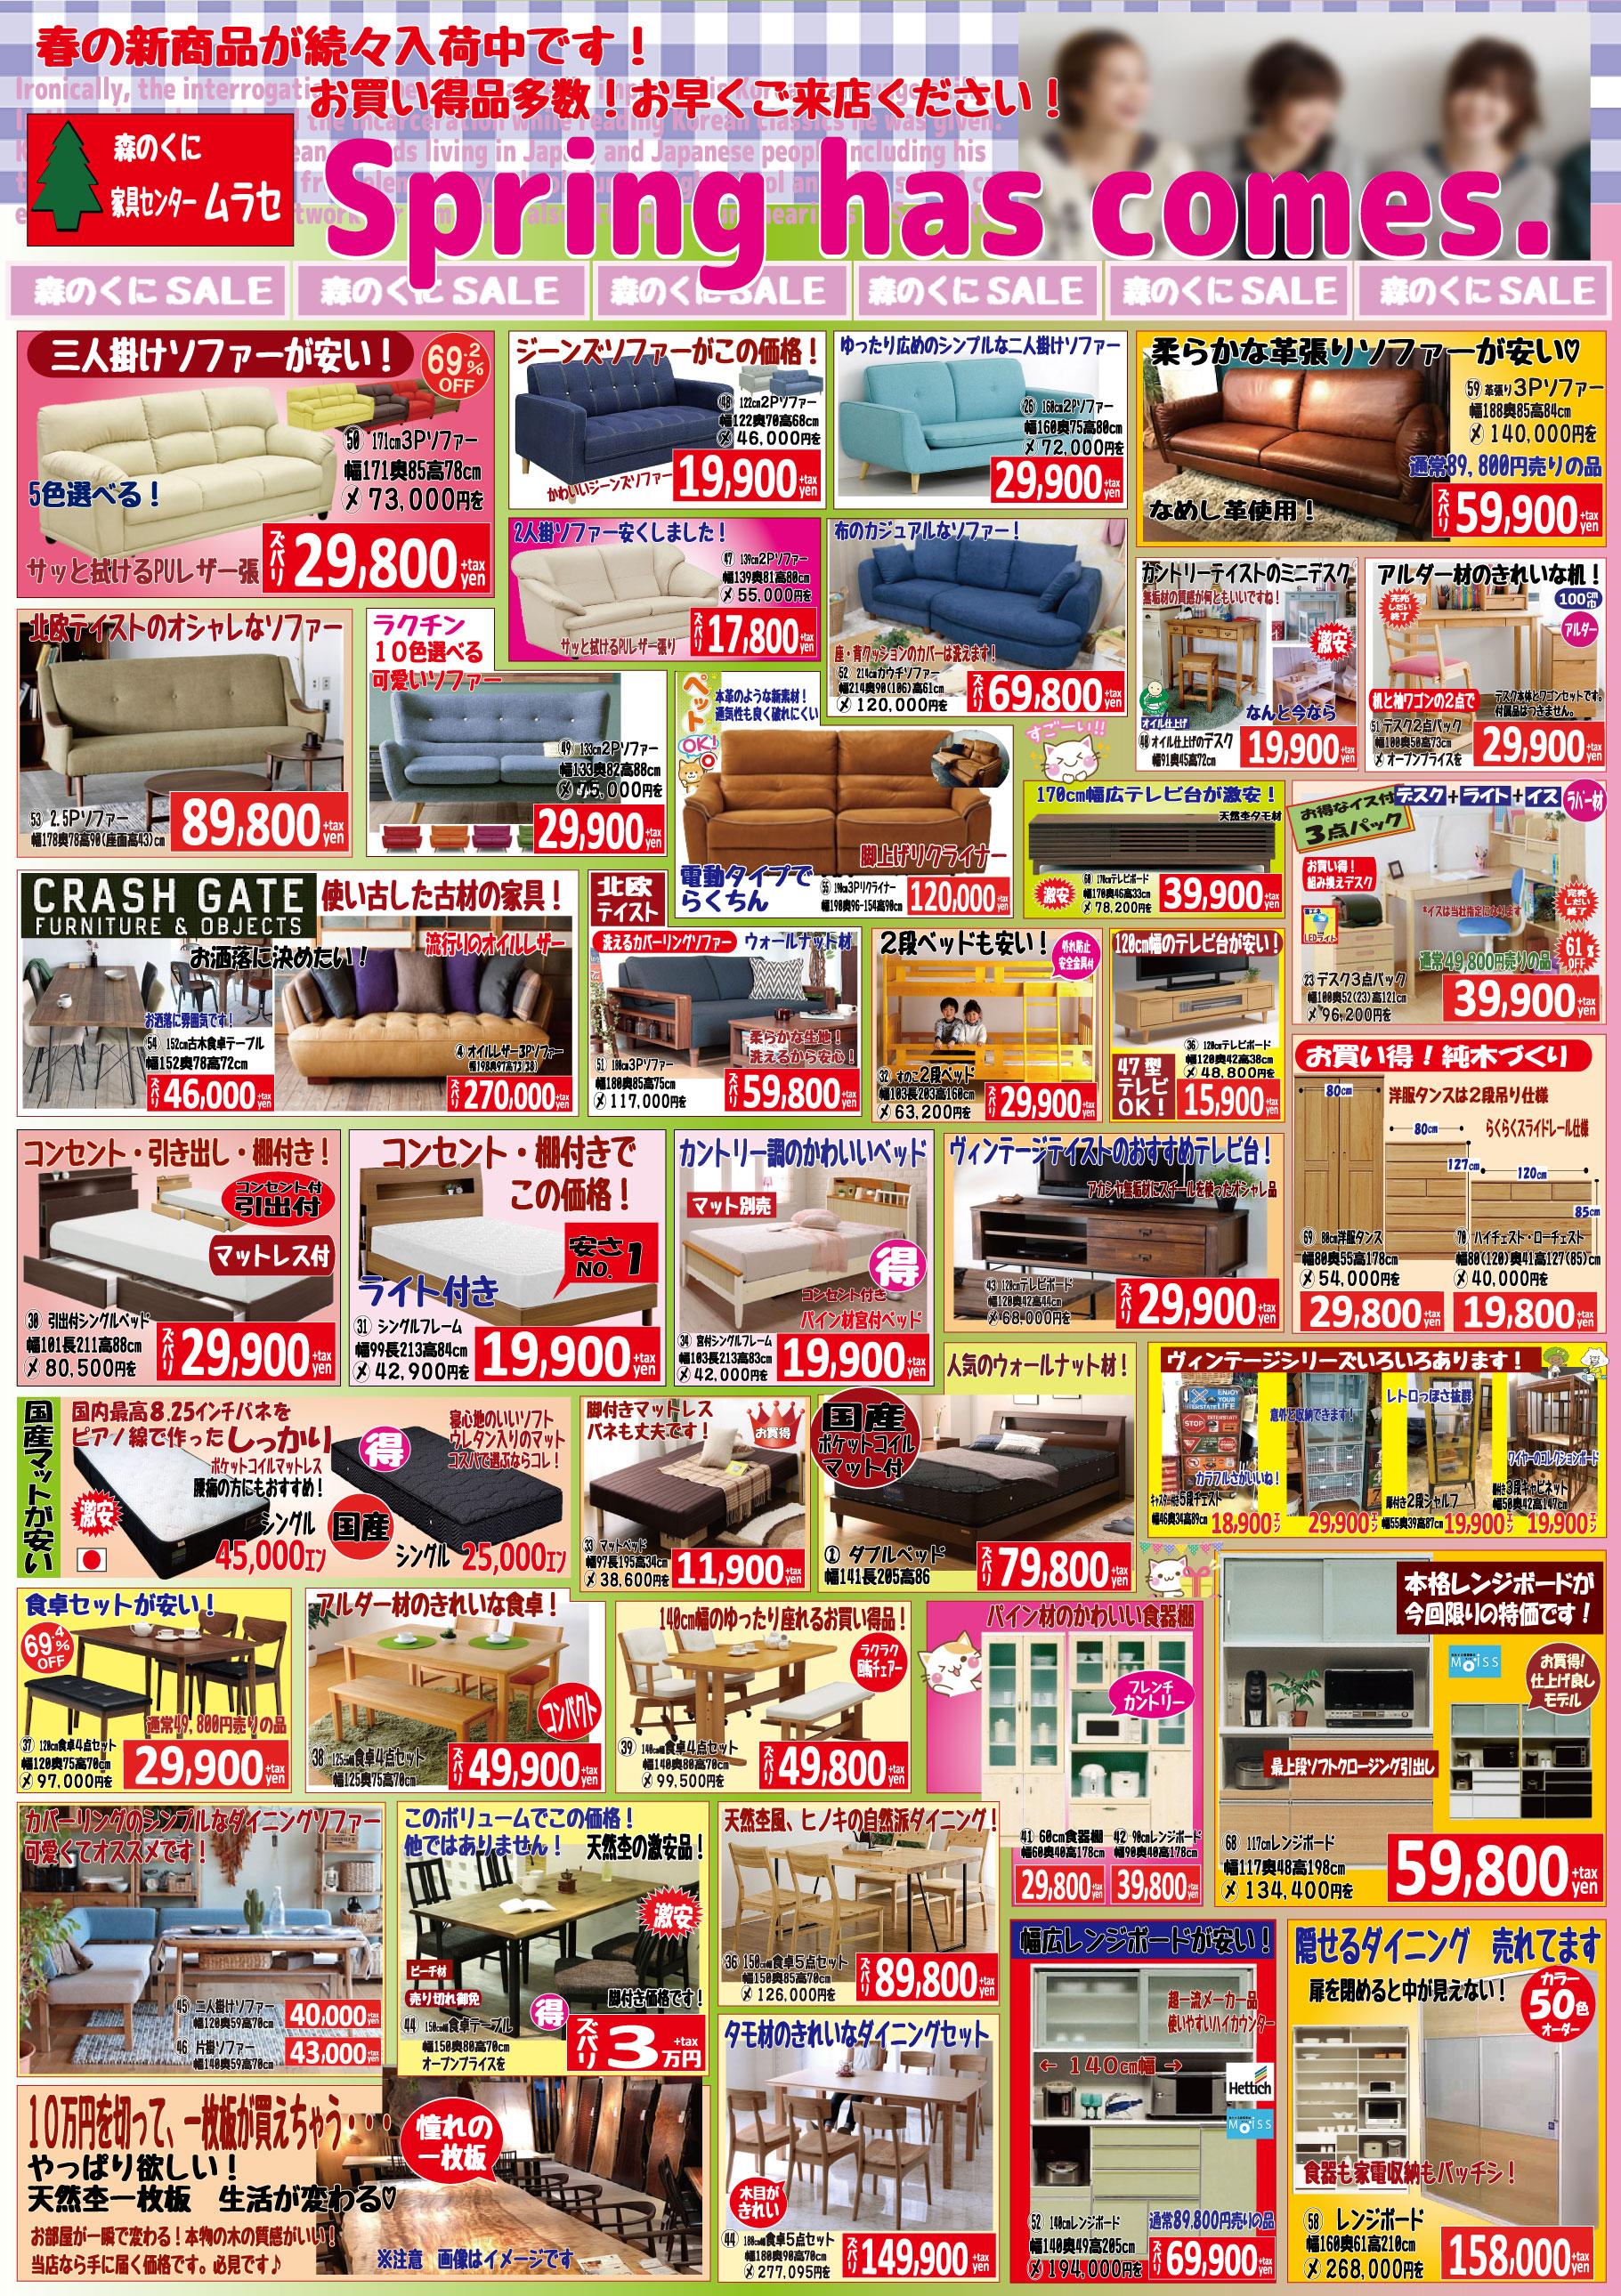 姫路家具 兵庫県家具 家具センタームラセ 2019年4月お買い得チラシ チラシA面